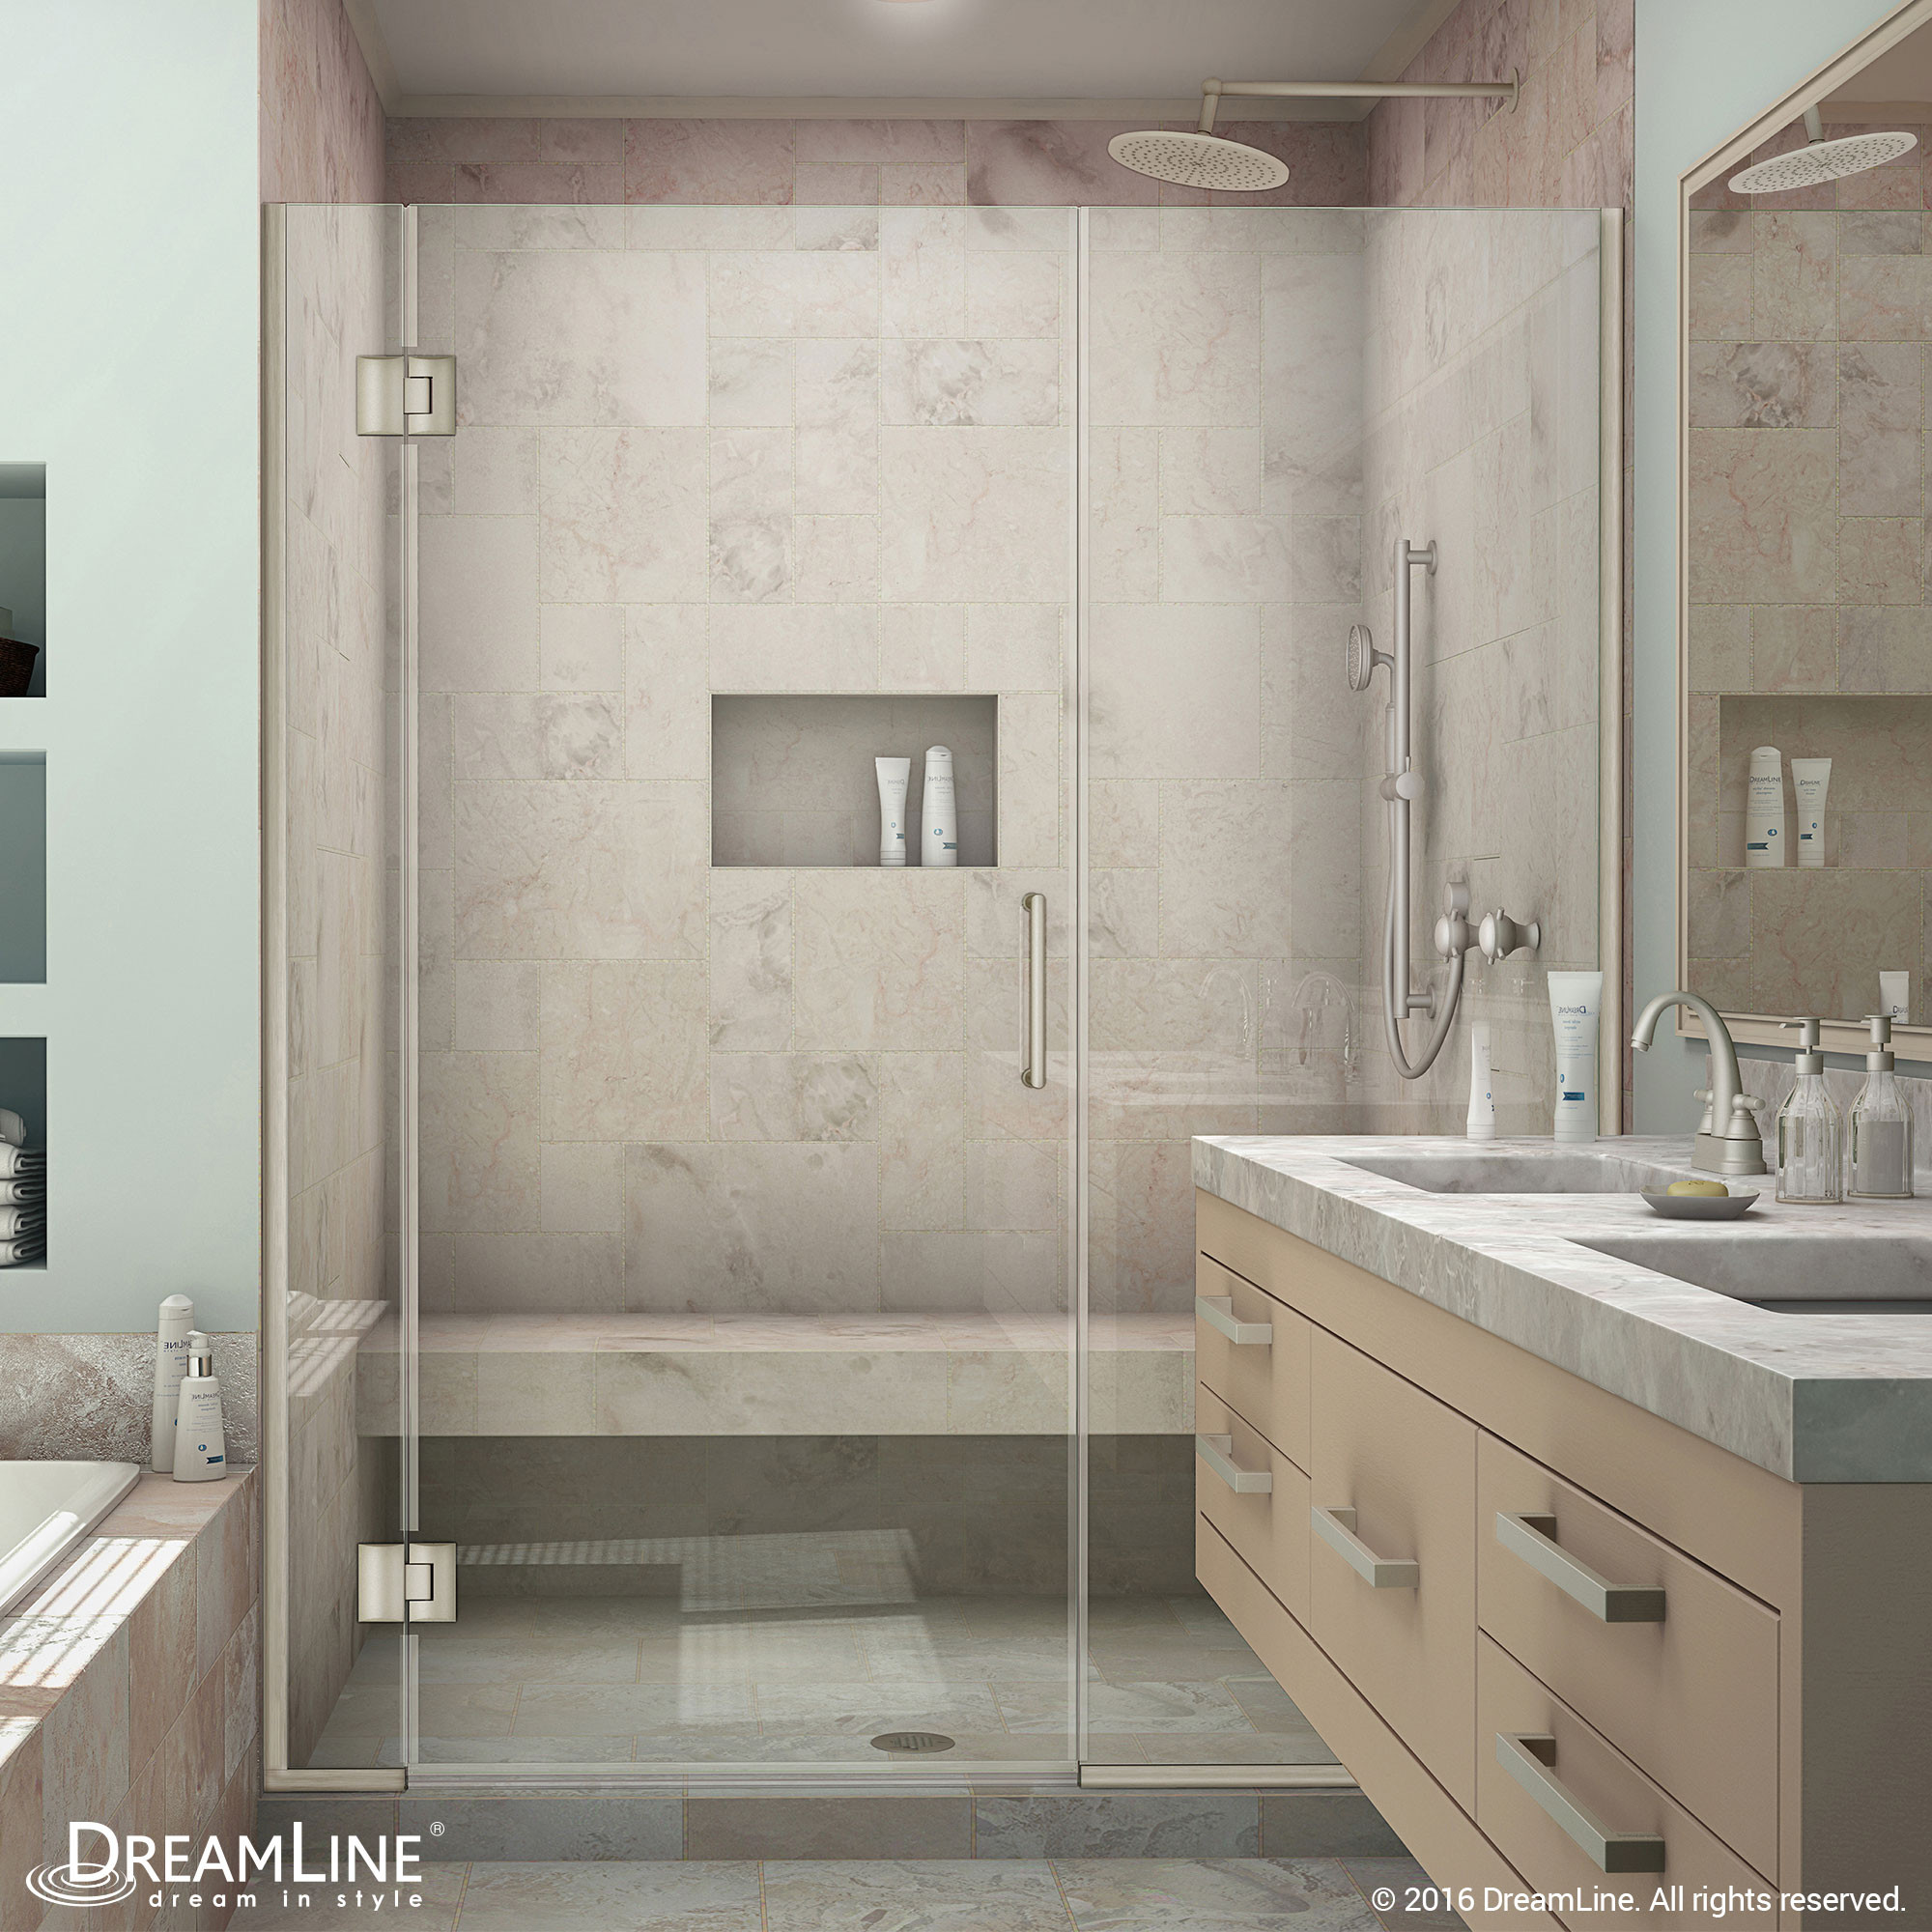 DreamLine D1273072-04 Brushed Nickel Unidoor-X 63 - 63 1/2 in. W x 72 in. H Hinged Shower Door